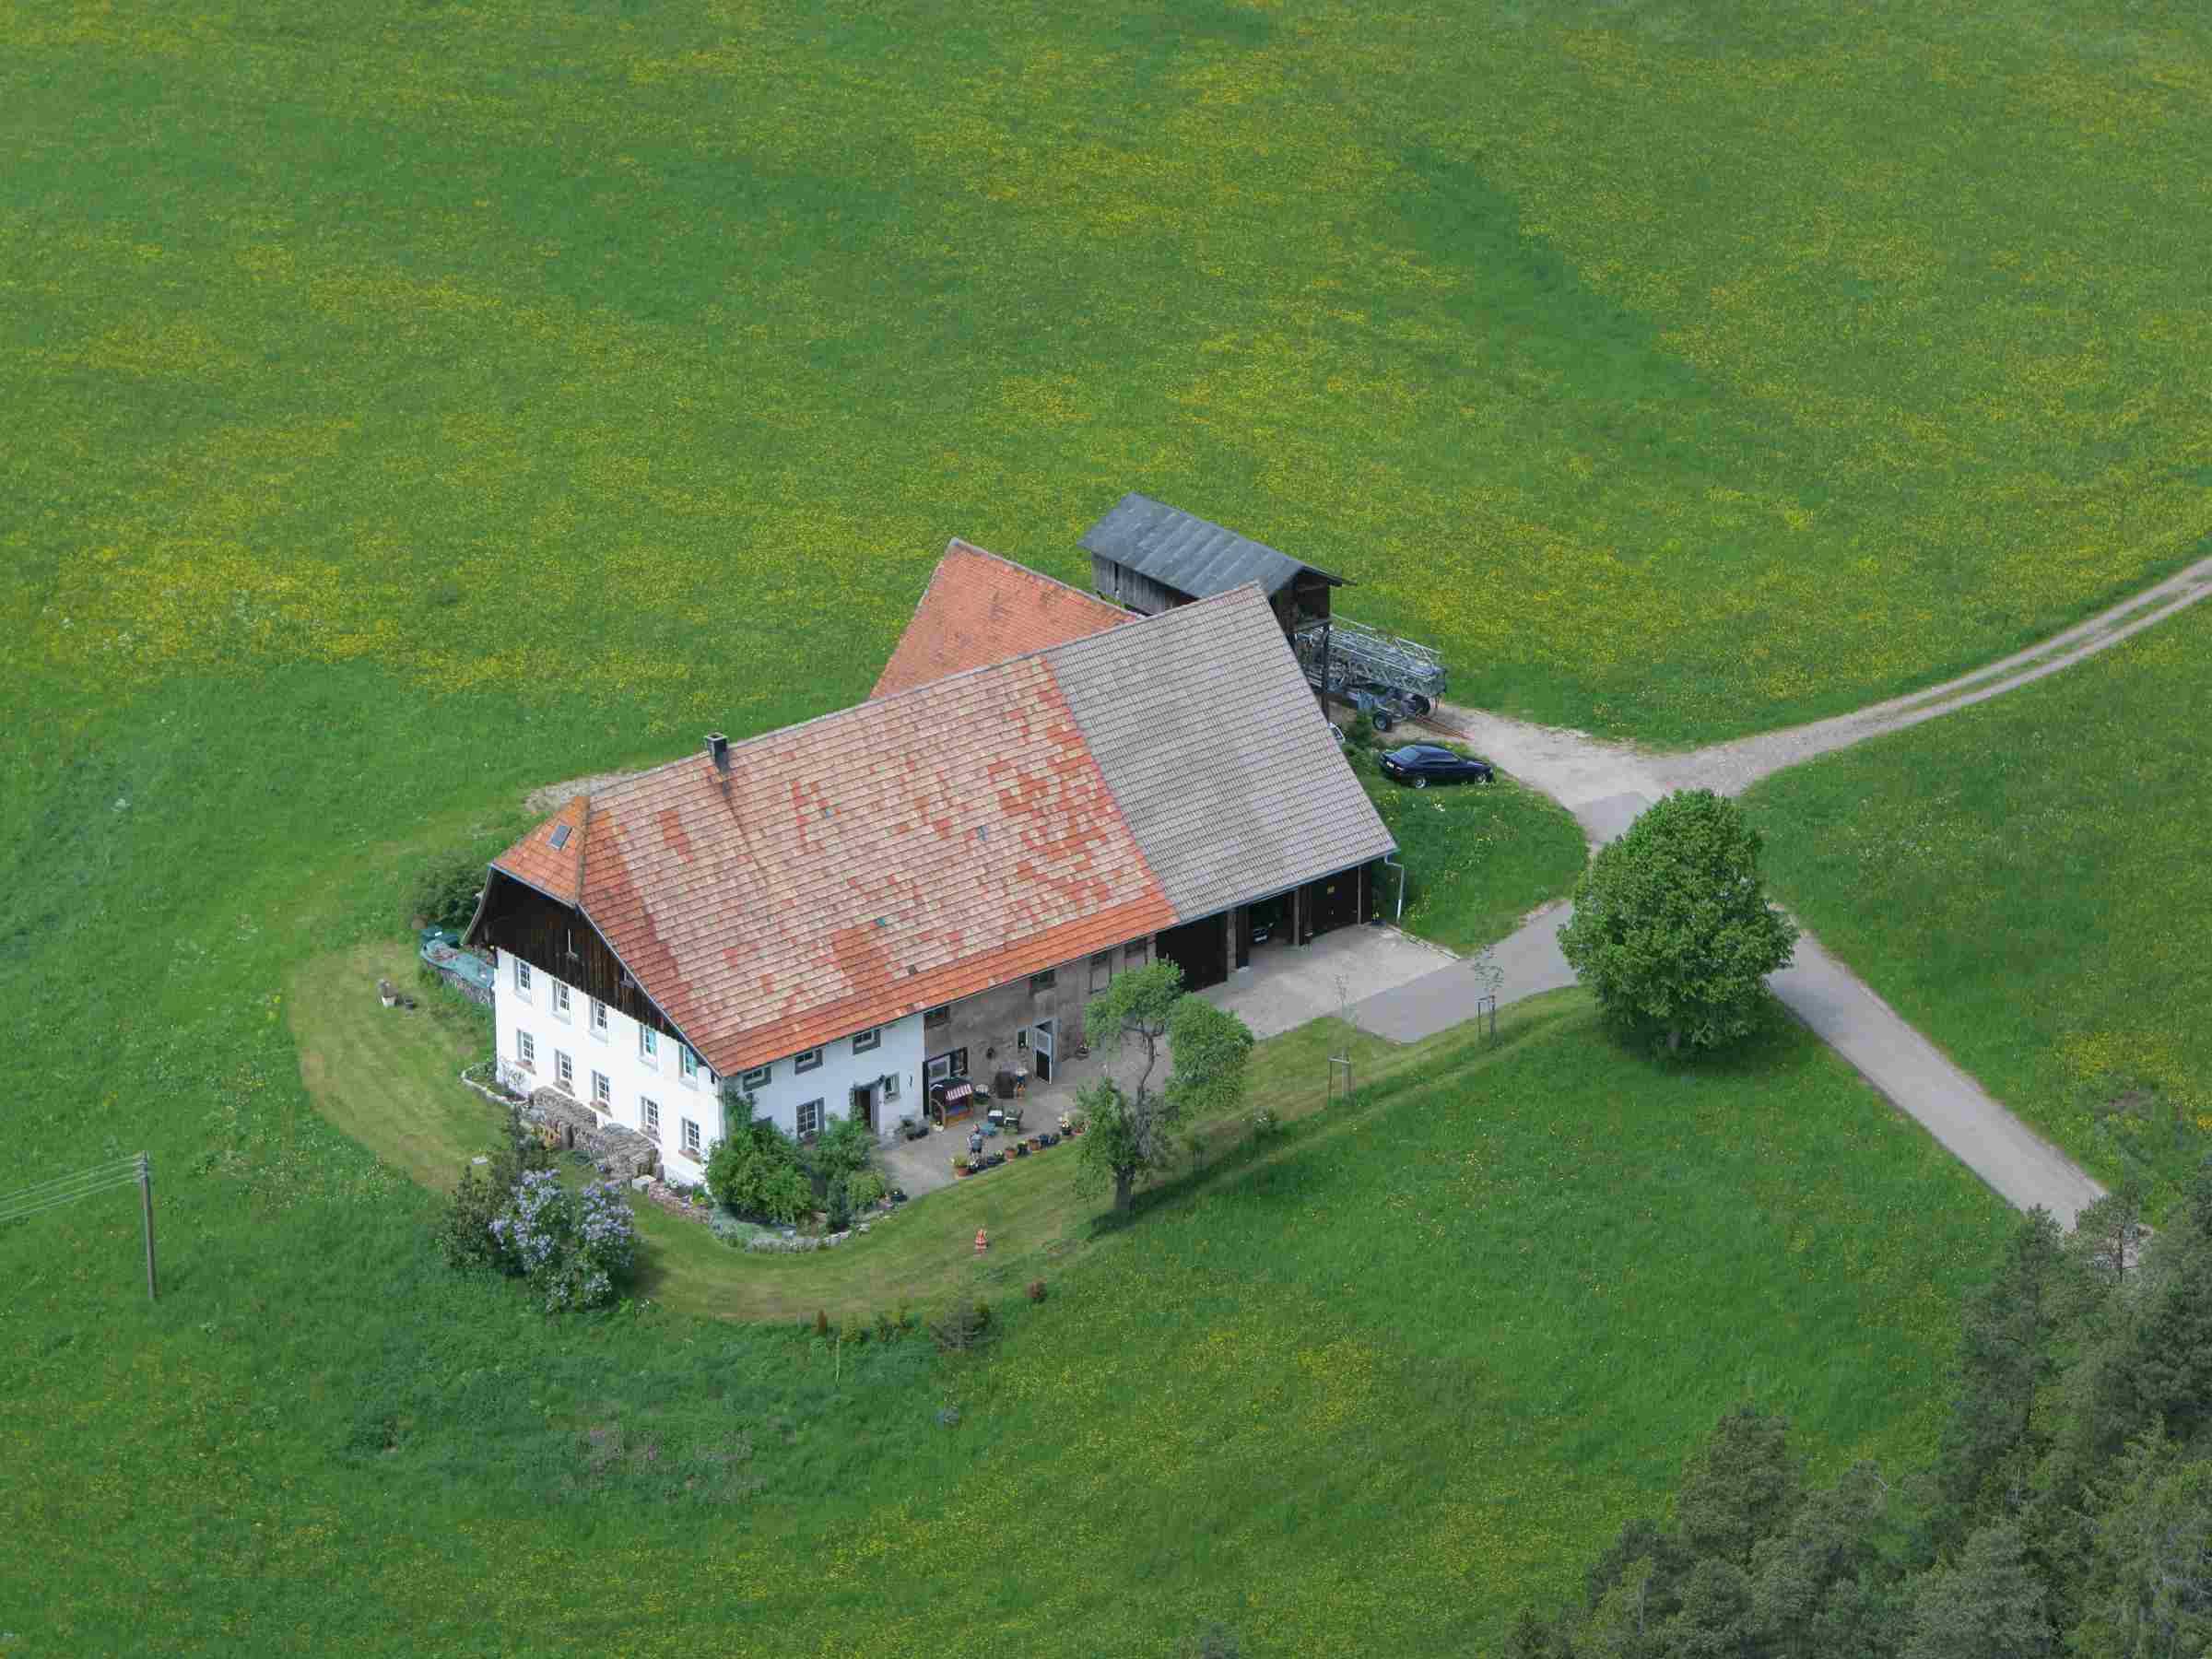 Ferienwohnung Storzenhof, (Unterkirnach). Ferienwohnung, 140qm, 3 Schlafzimmer, max. 8 Personen (2790199), Unterkirnach, Schwarzwald, Baden-Württemberg, Deutschland, Bild 8